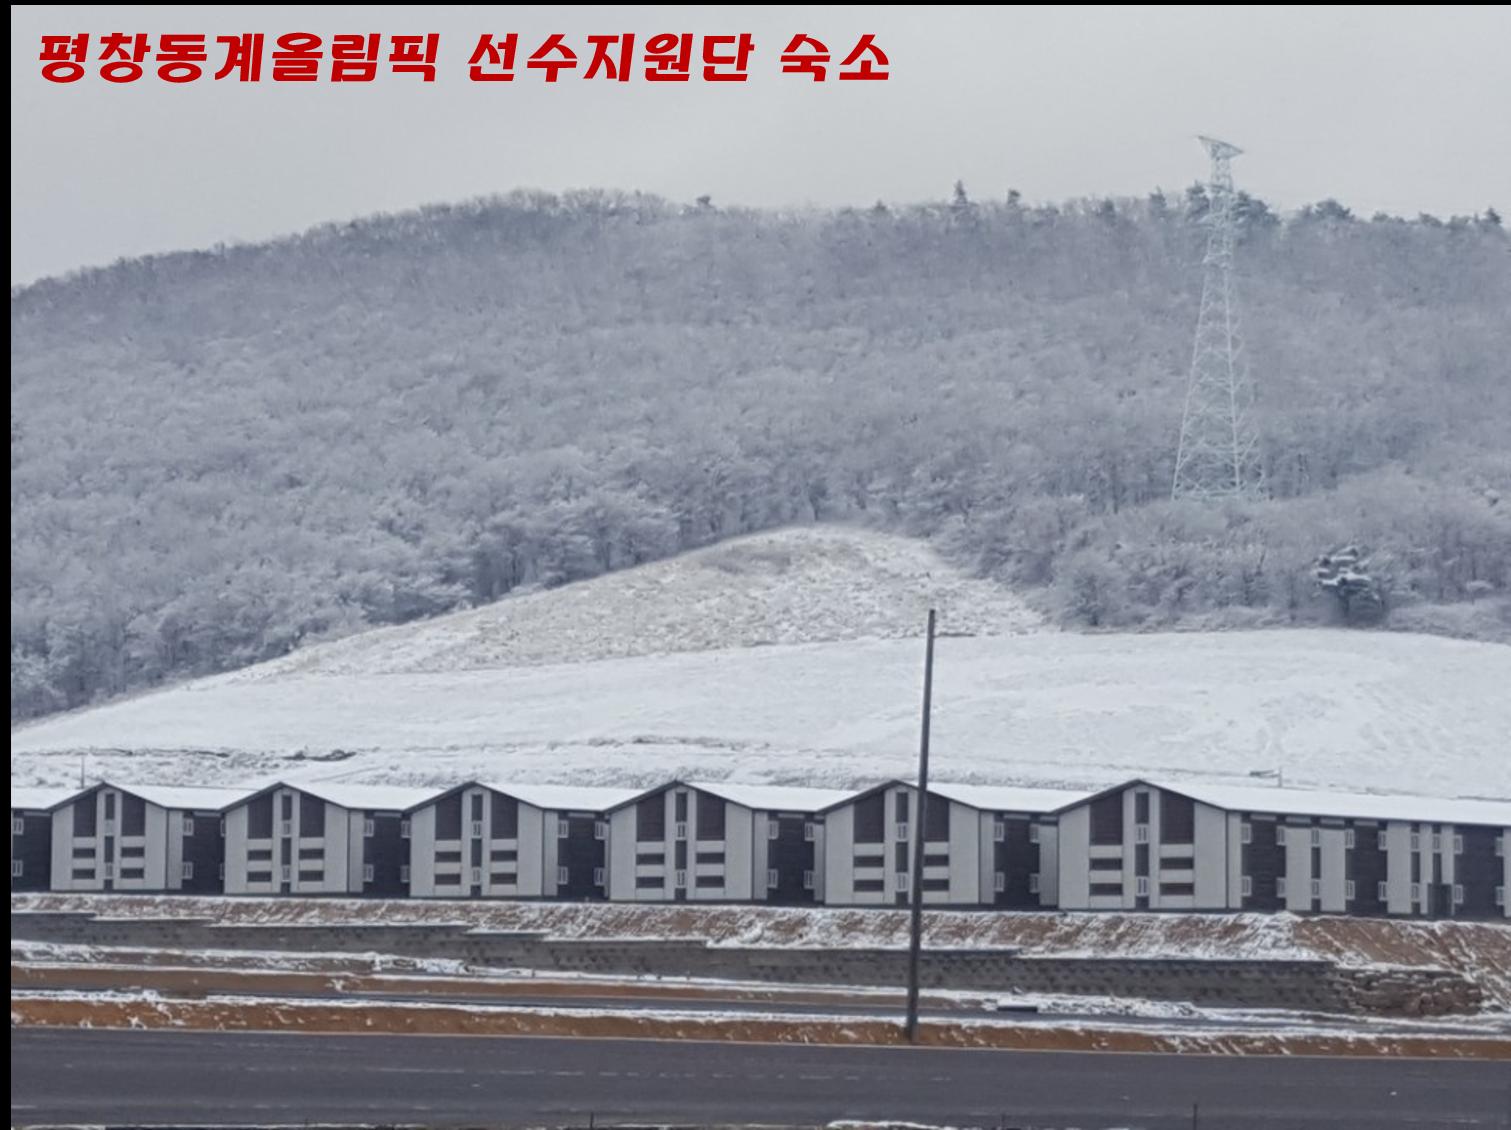 평창동계올림픽 선수지원단숙소 공사현장